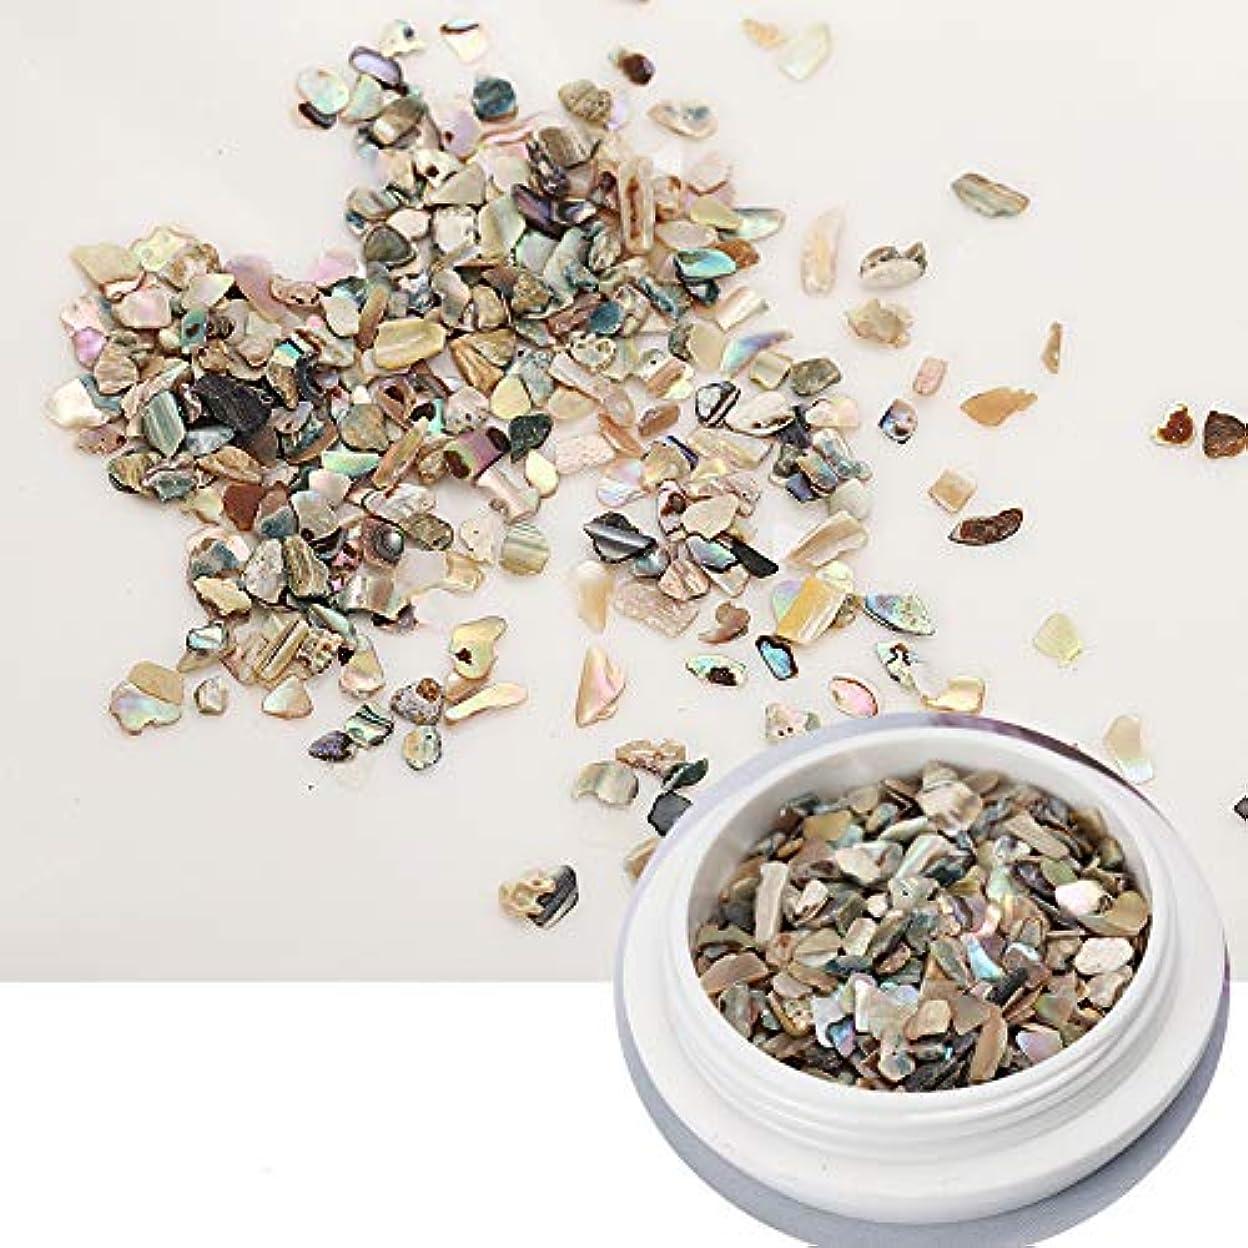 ピッチスライスレビューネイル石パーツ ネイル貝殻風 シェル 貝 レジン ジェルネイル ネイルアート ネイルパーツ (2)